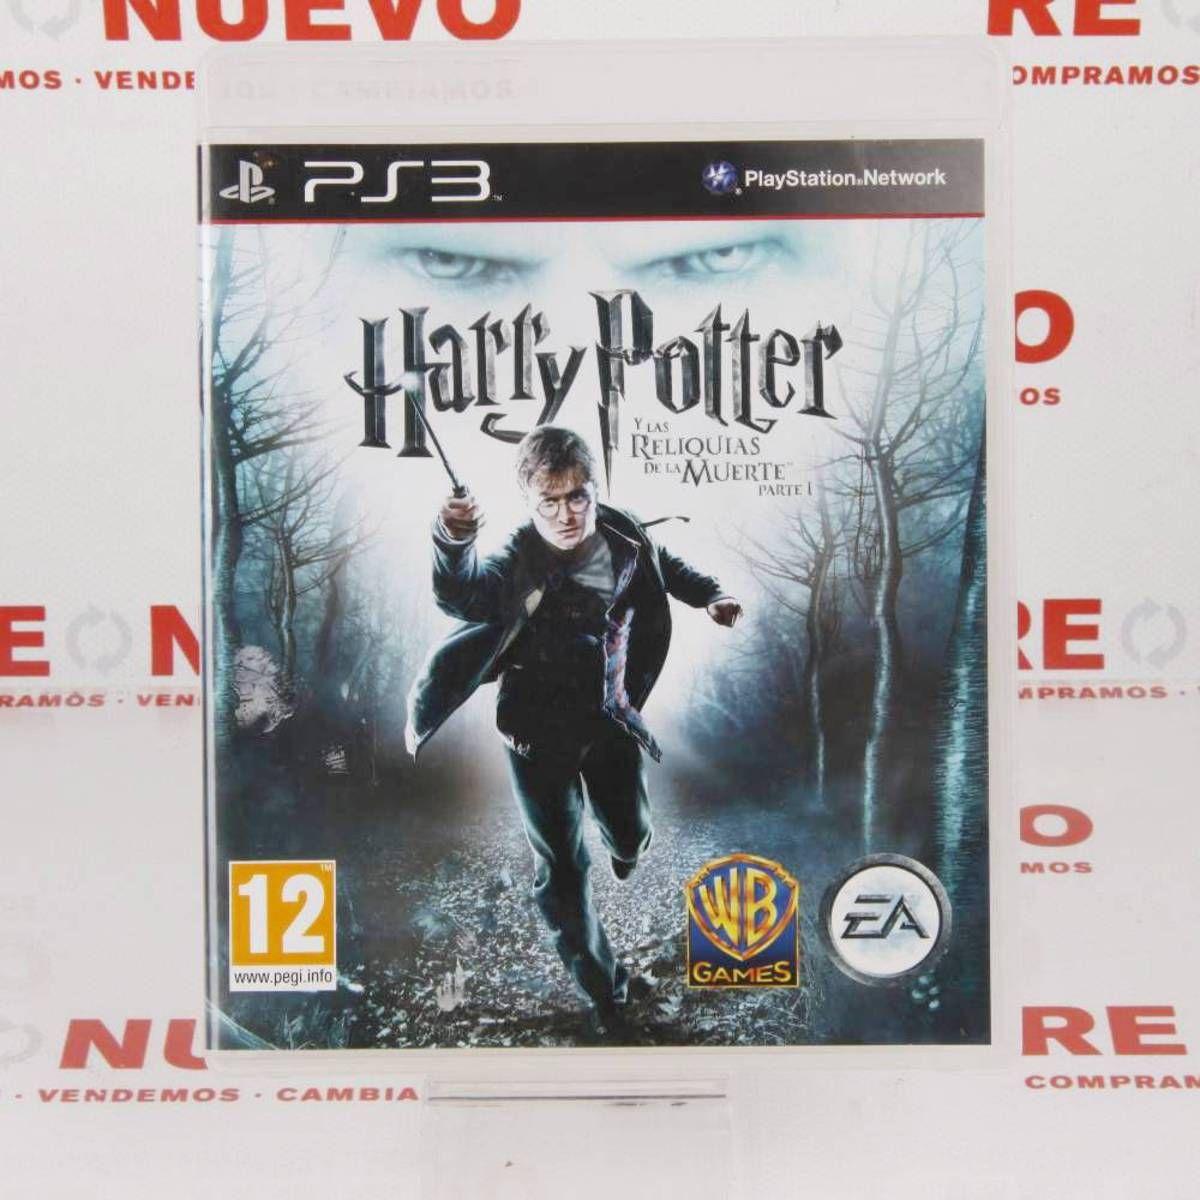 Videojuego Harry Potter Para Ps3 De Segunda Mano E271706 Juego